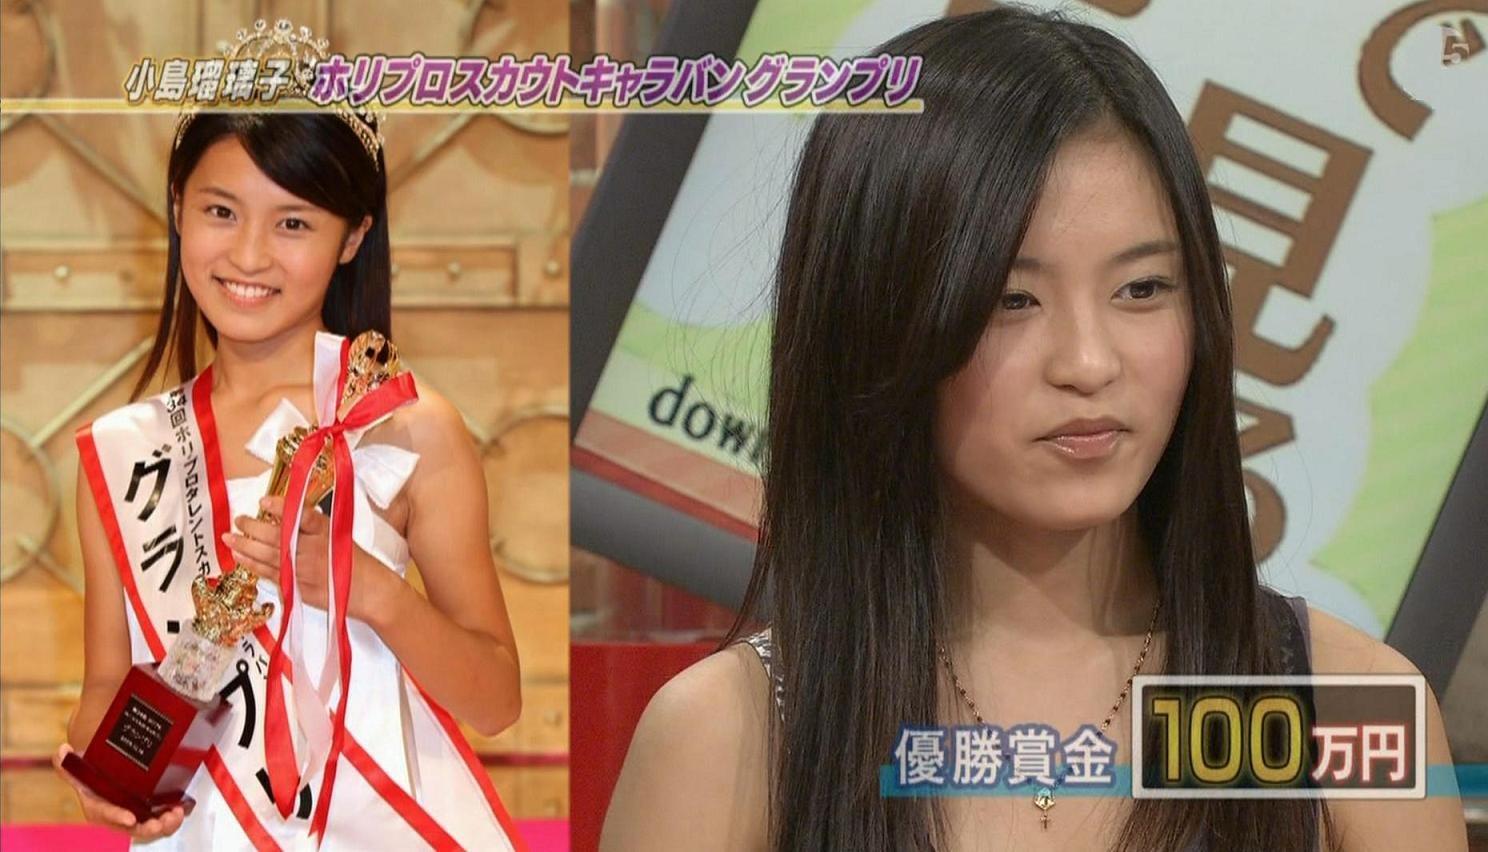 小島瑠璃子 ホリプロスカウトキャラバン グランプリキャプ画像(エロ・アイコラ画像)